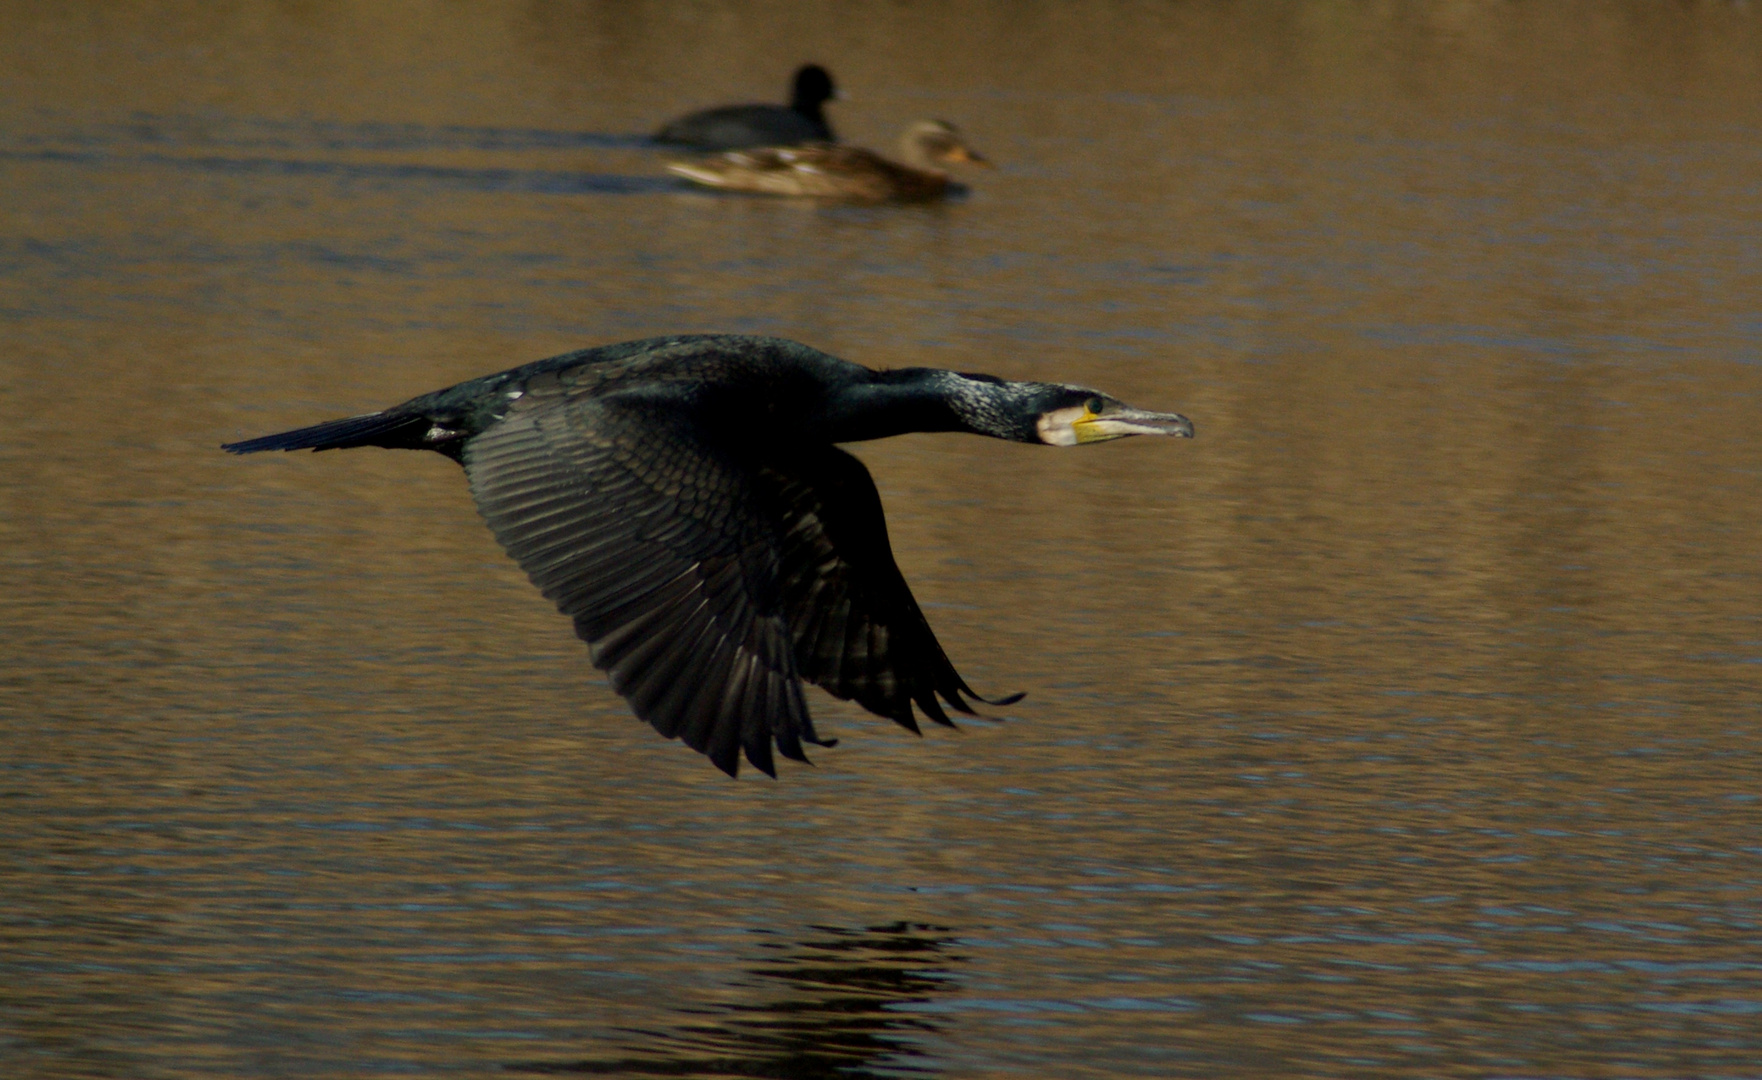 A Cormorant!